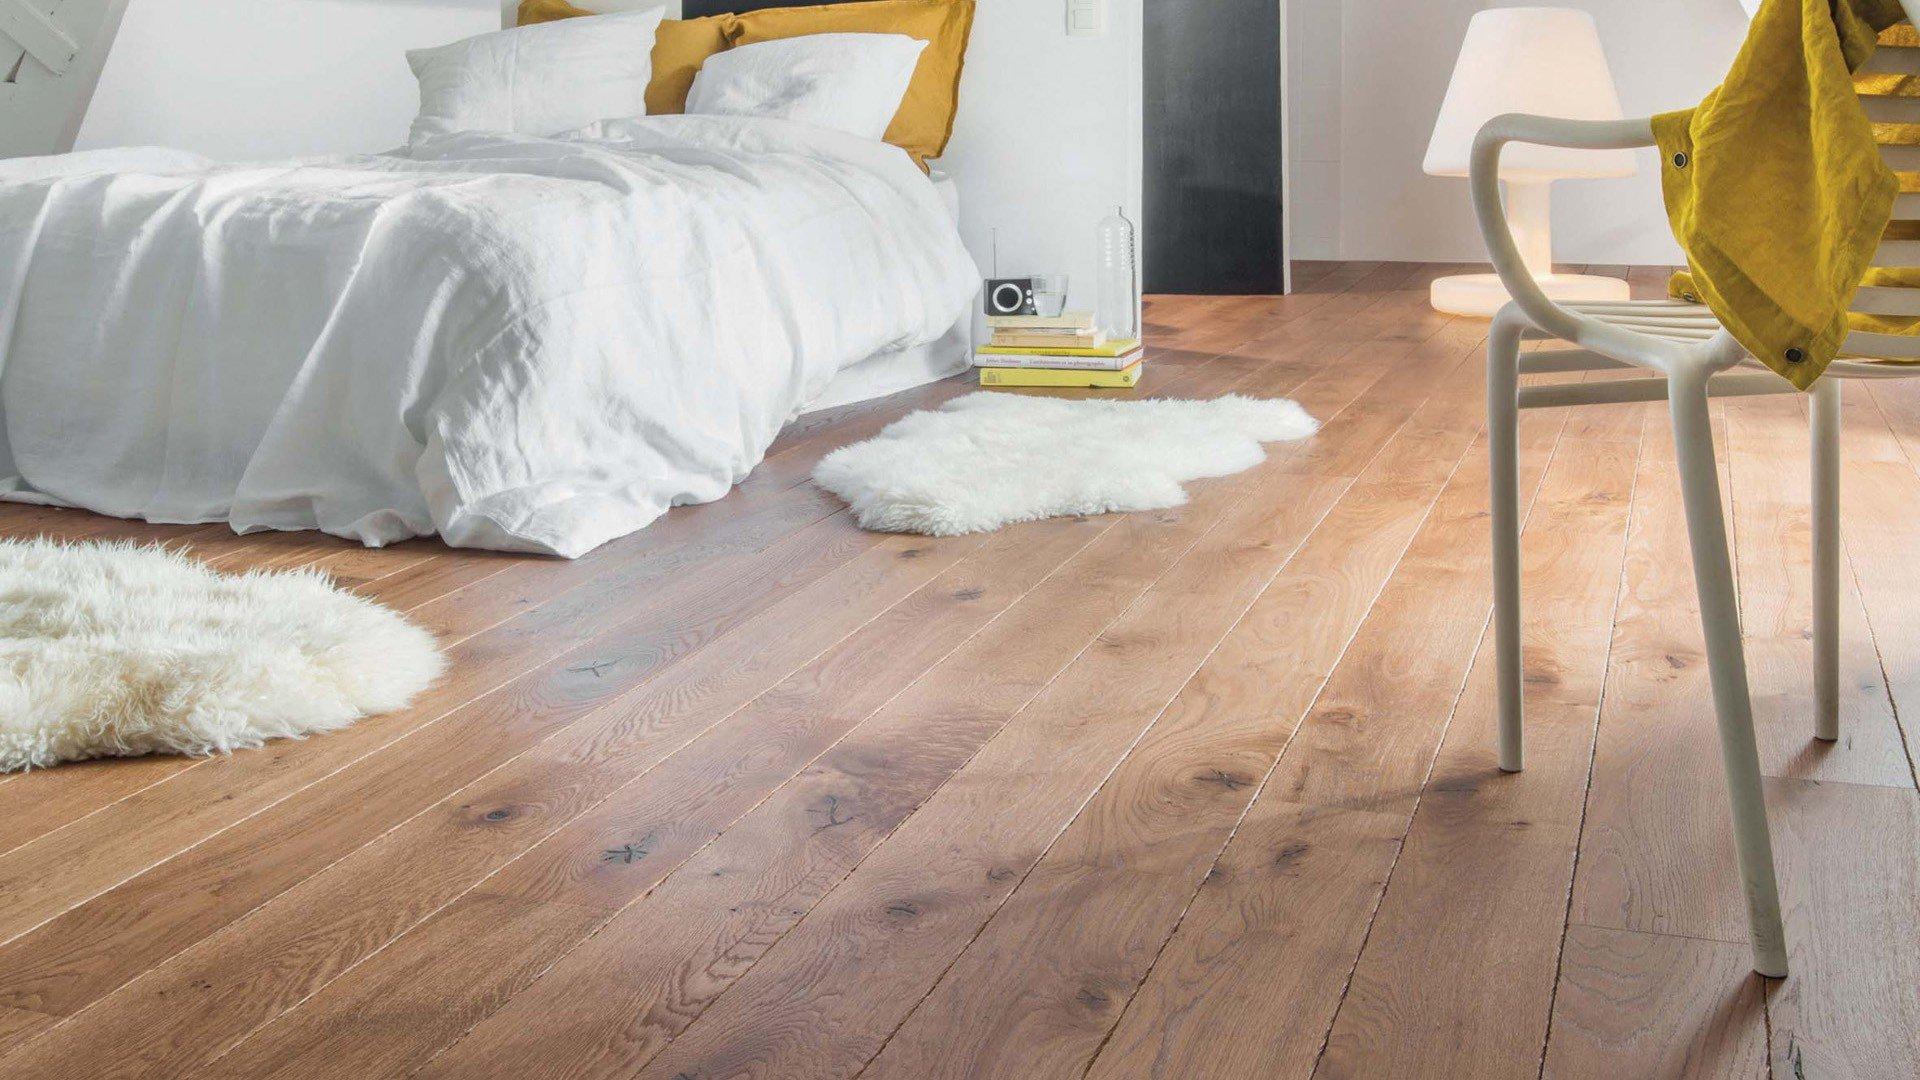 Pavimento ceramica finto legno Cuneo Sommariva bosco